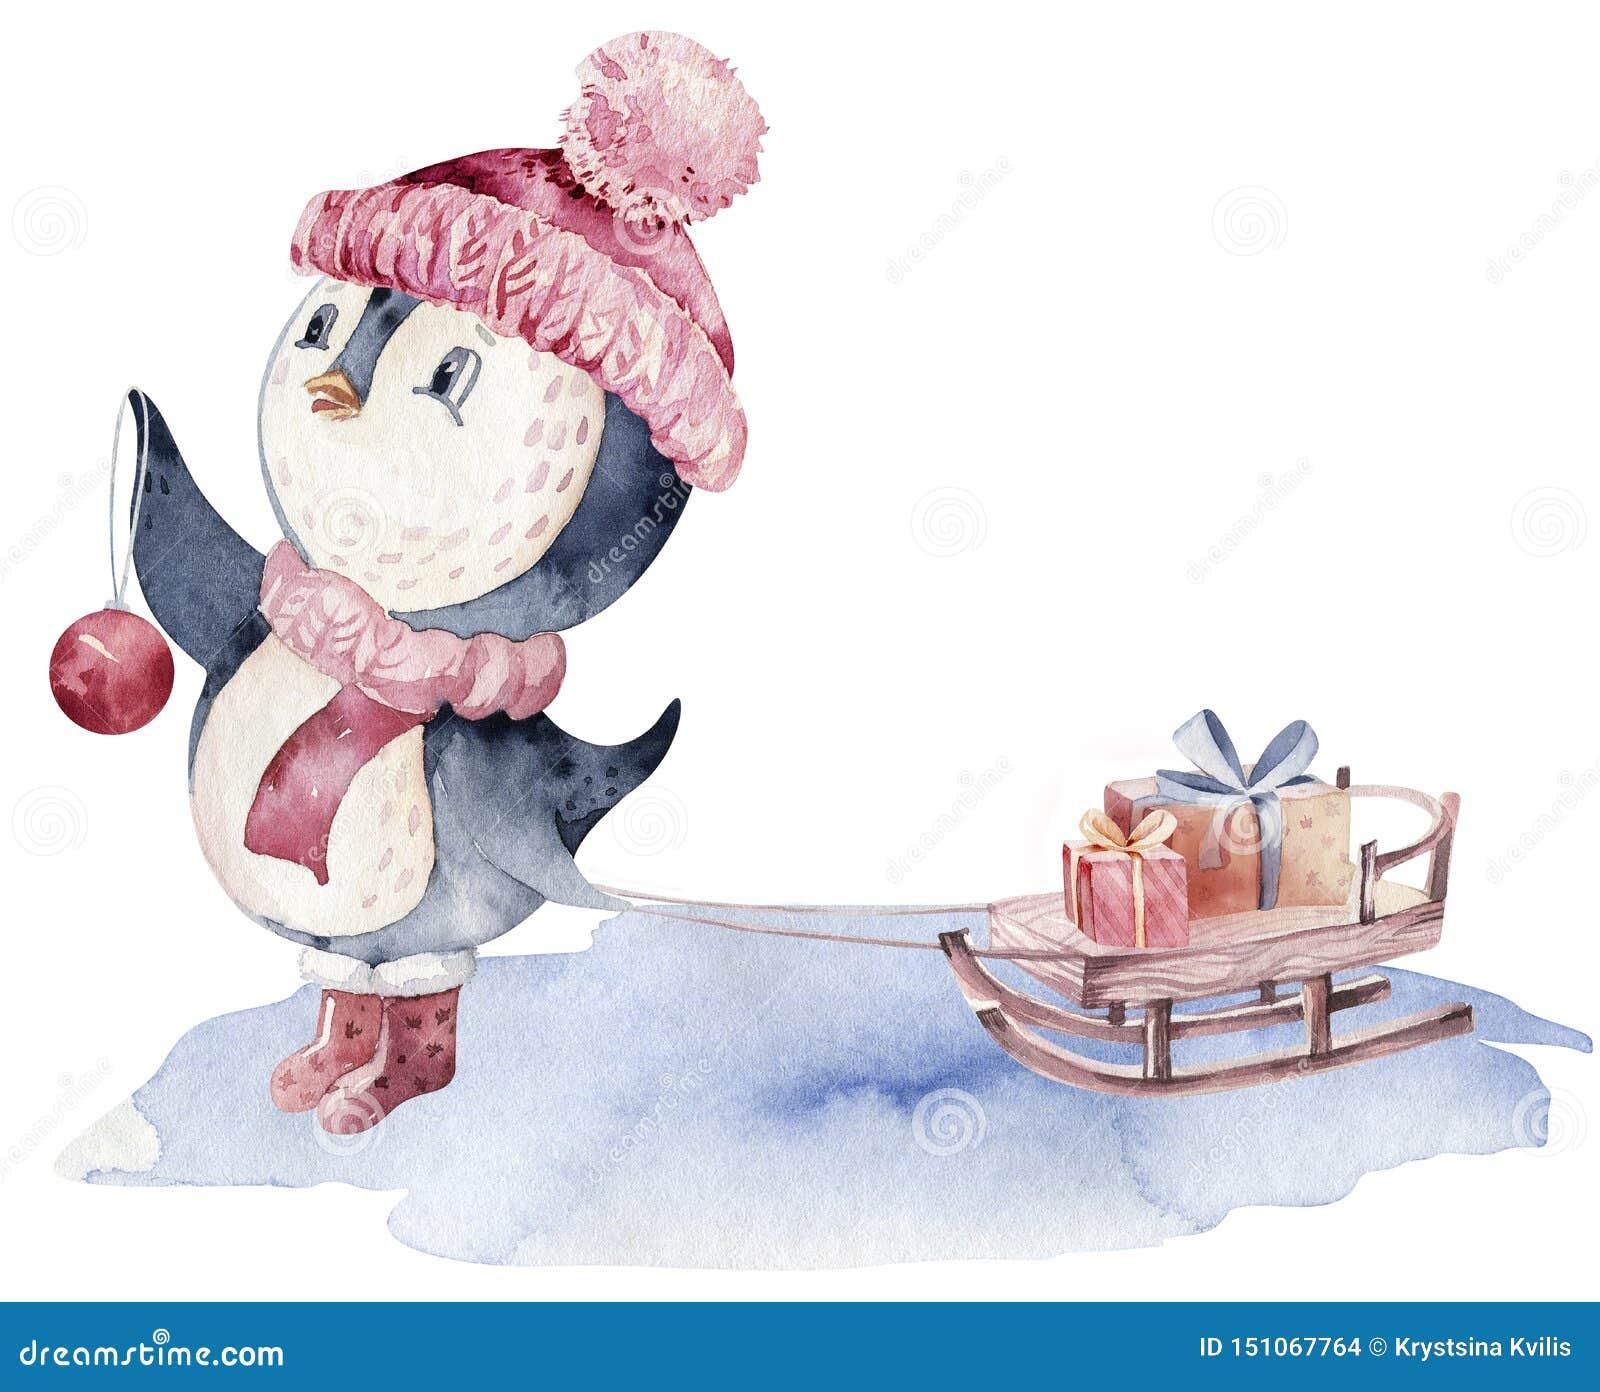 Иллюстрация пингвина характера веселого рождества акварели Карта дизайна зимы изолированная мультфильмом милая смешная животная С